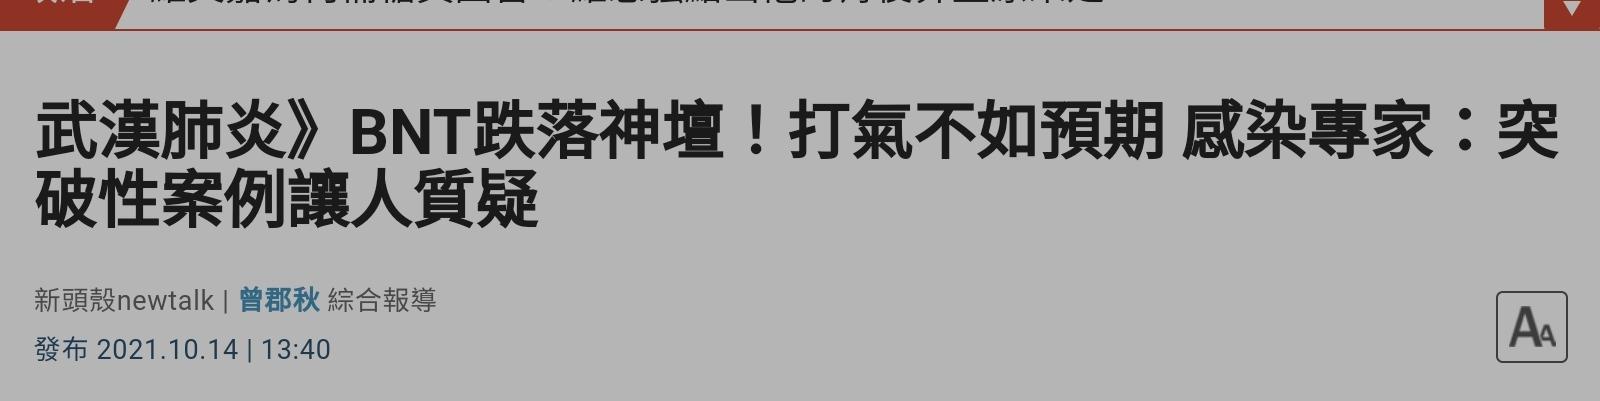 [問題] 台南各區bnt接種預約